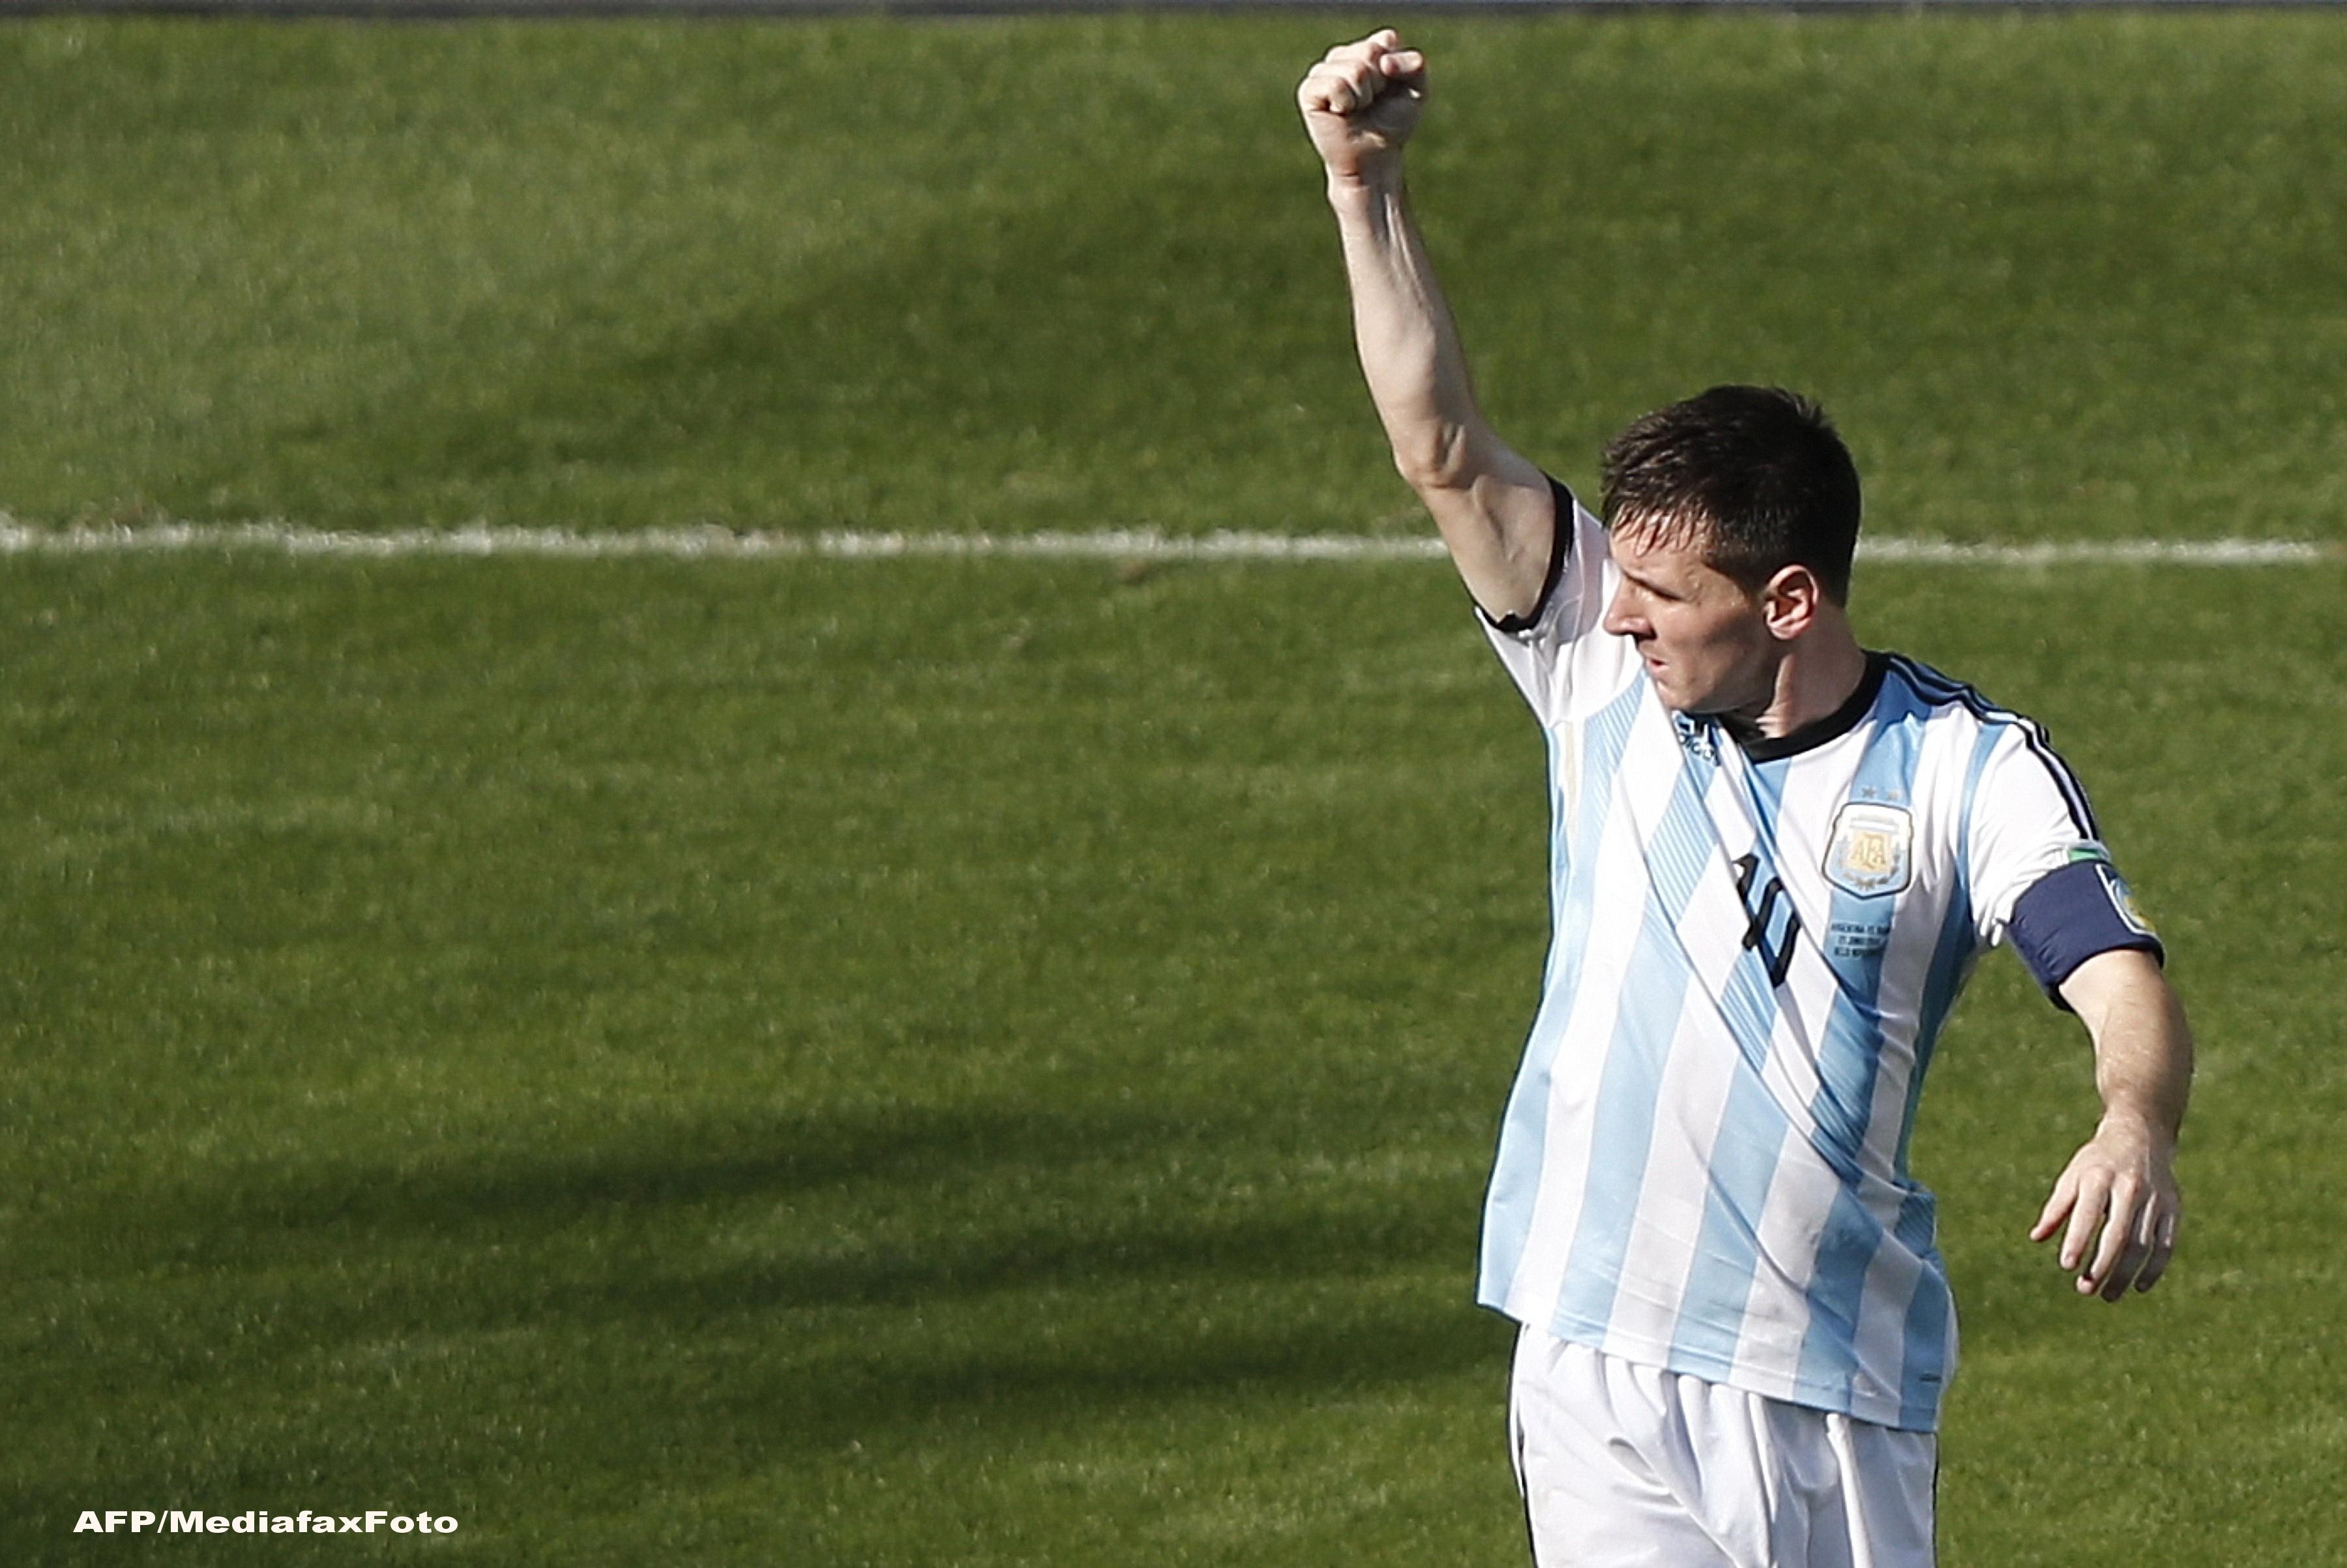 Campionatul Mondial de Fotbal 2014. Argentina abia a reusit sa invinga Iran cu 1-0, in minutul 91. Messi, eroul meciului